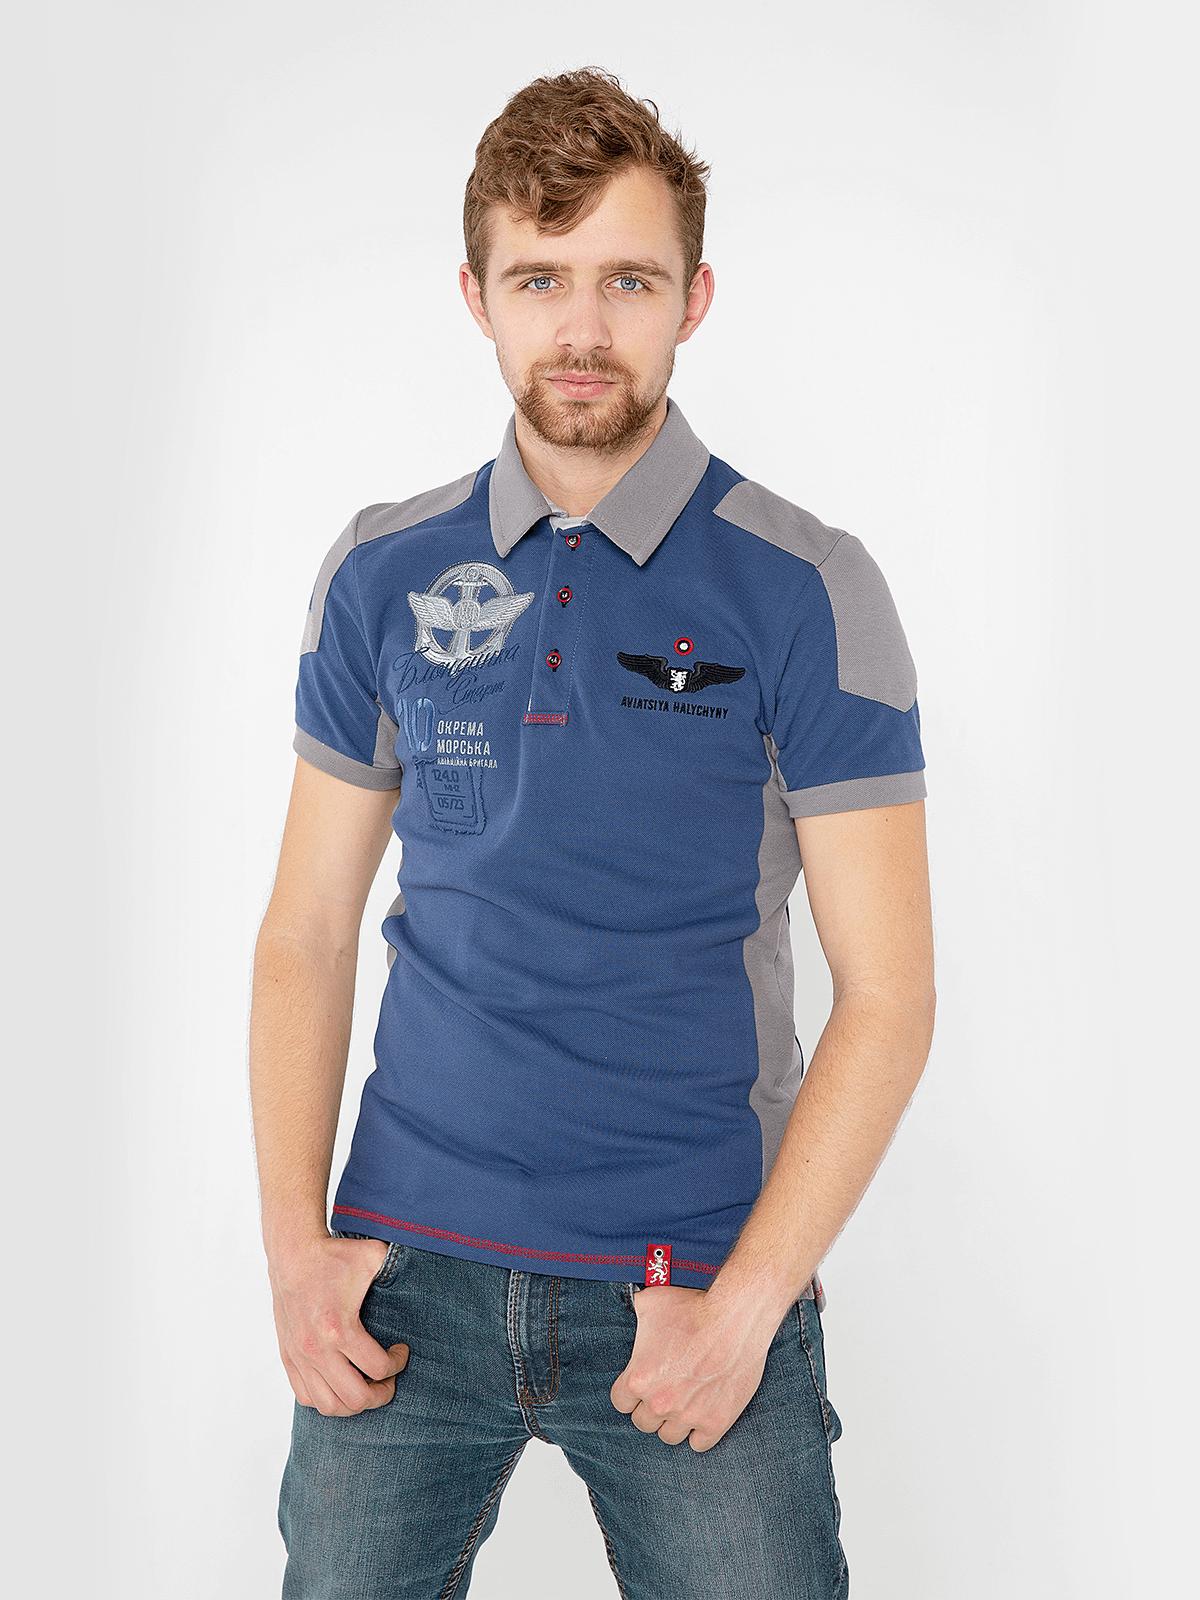 Men's Polo Shirt 10 Brigade. Color denim. Pique fabric: 100% cotton.